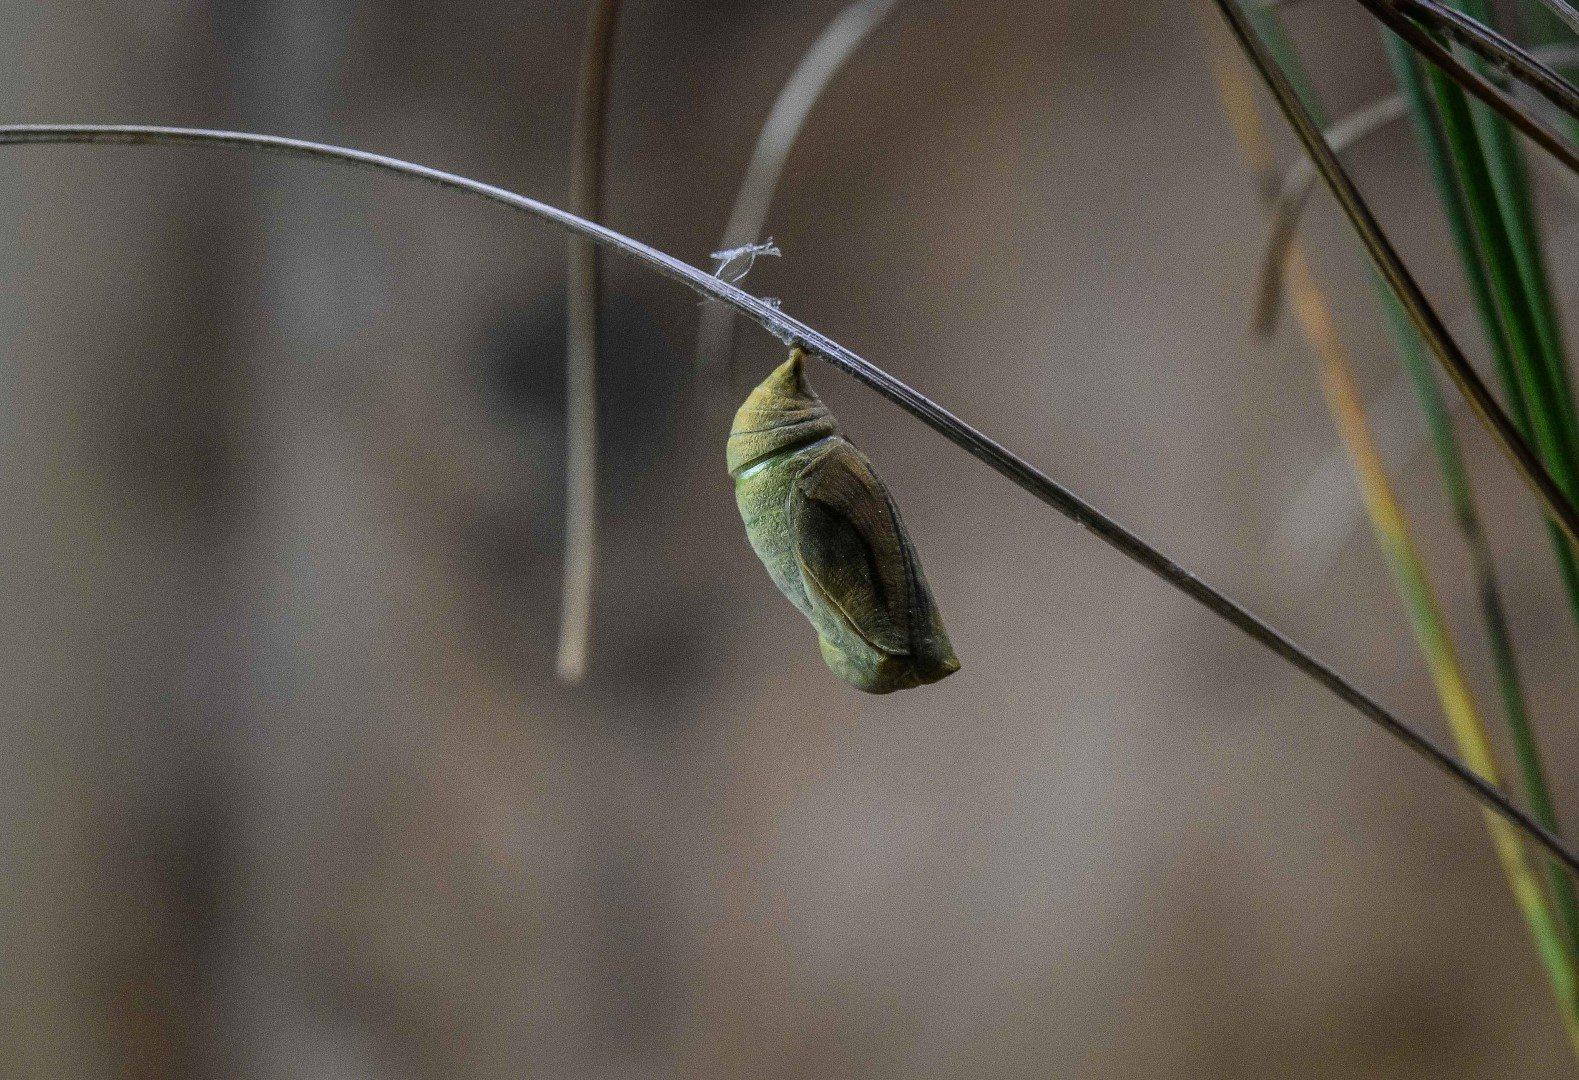 Large heath butterfly in pupa